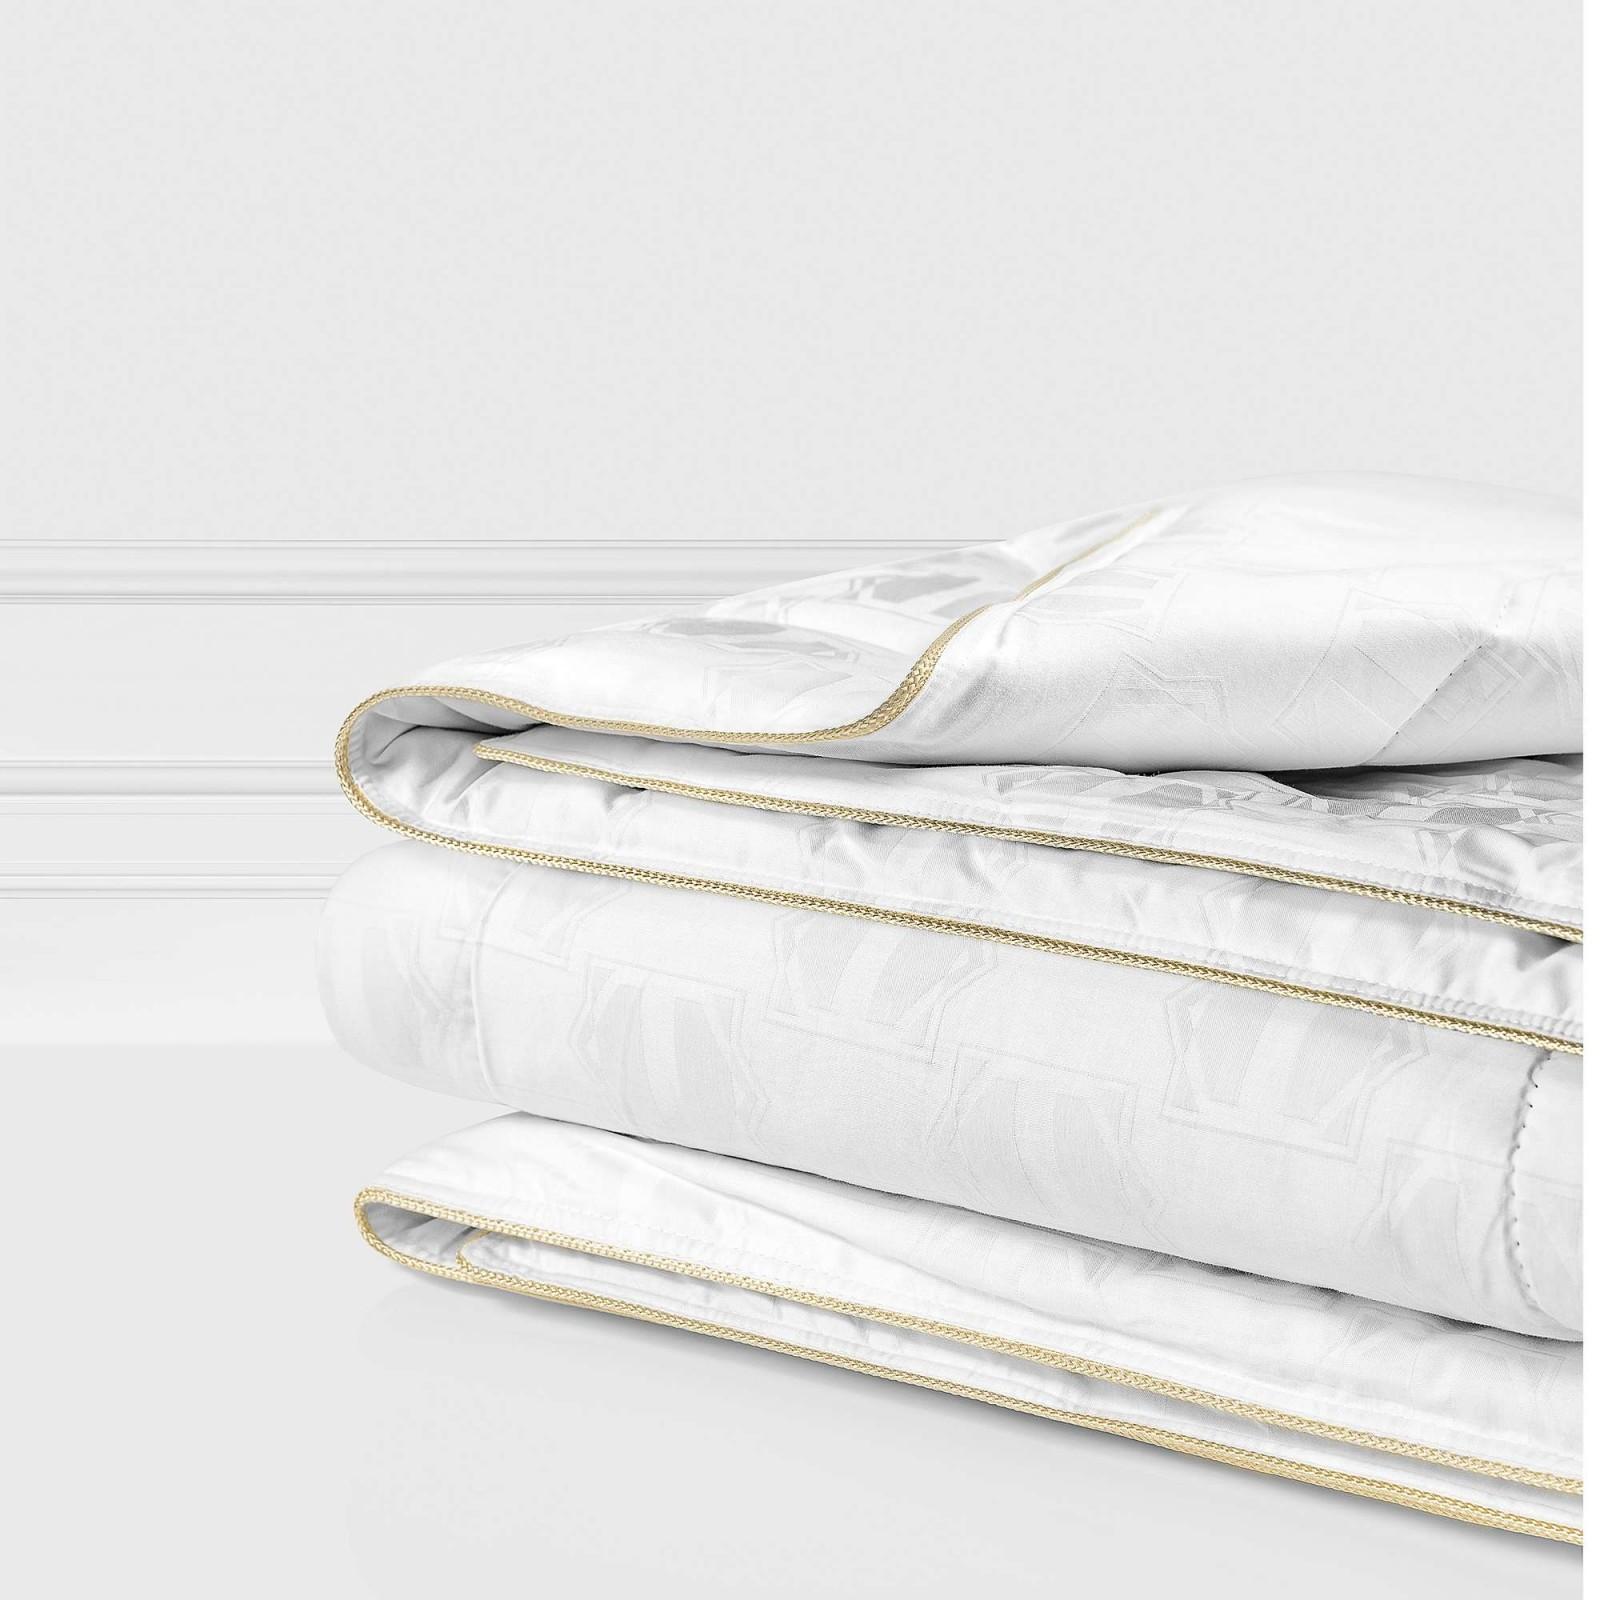 Купить Одеяла Togas, Одеяло Маэстро Всесезонное (200х210 см), Греция, Белый, Хлопковый жаккард